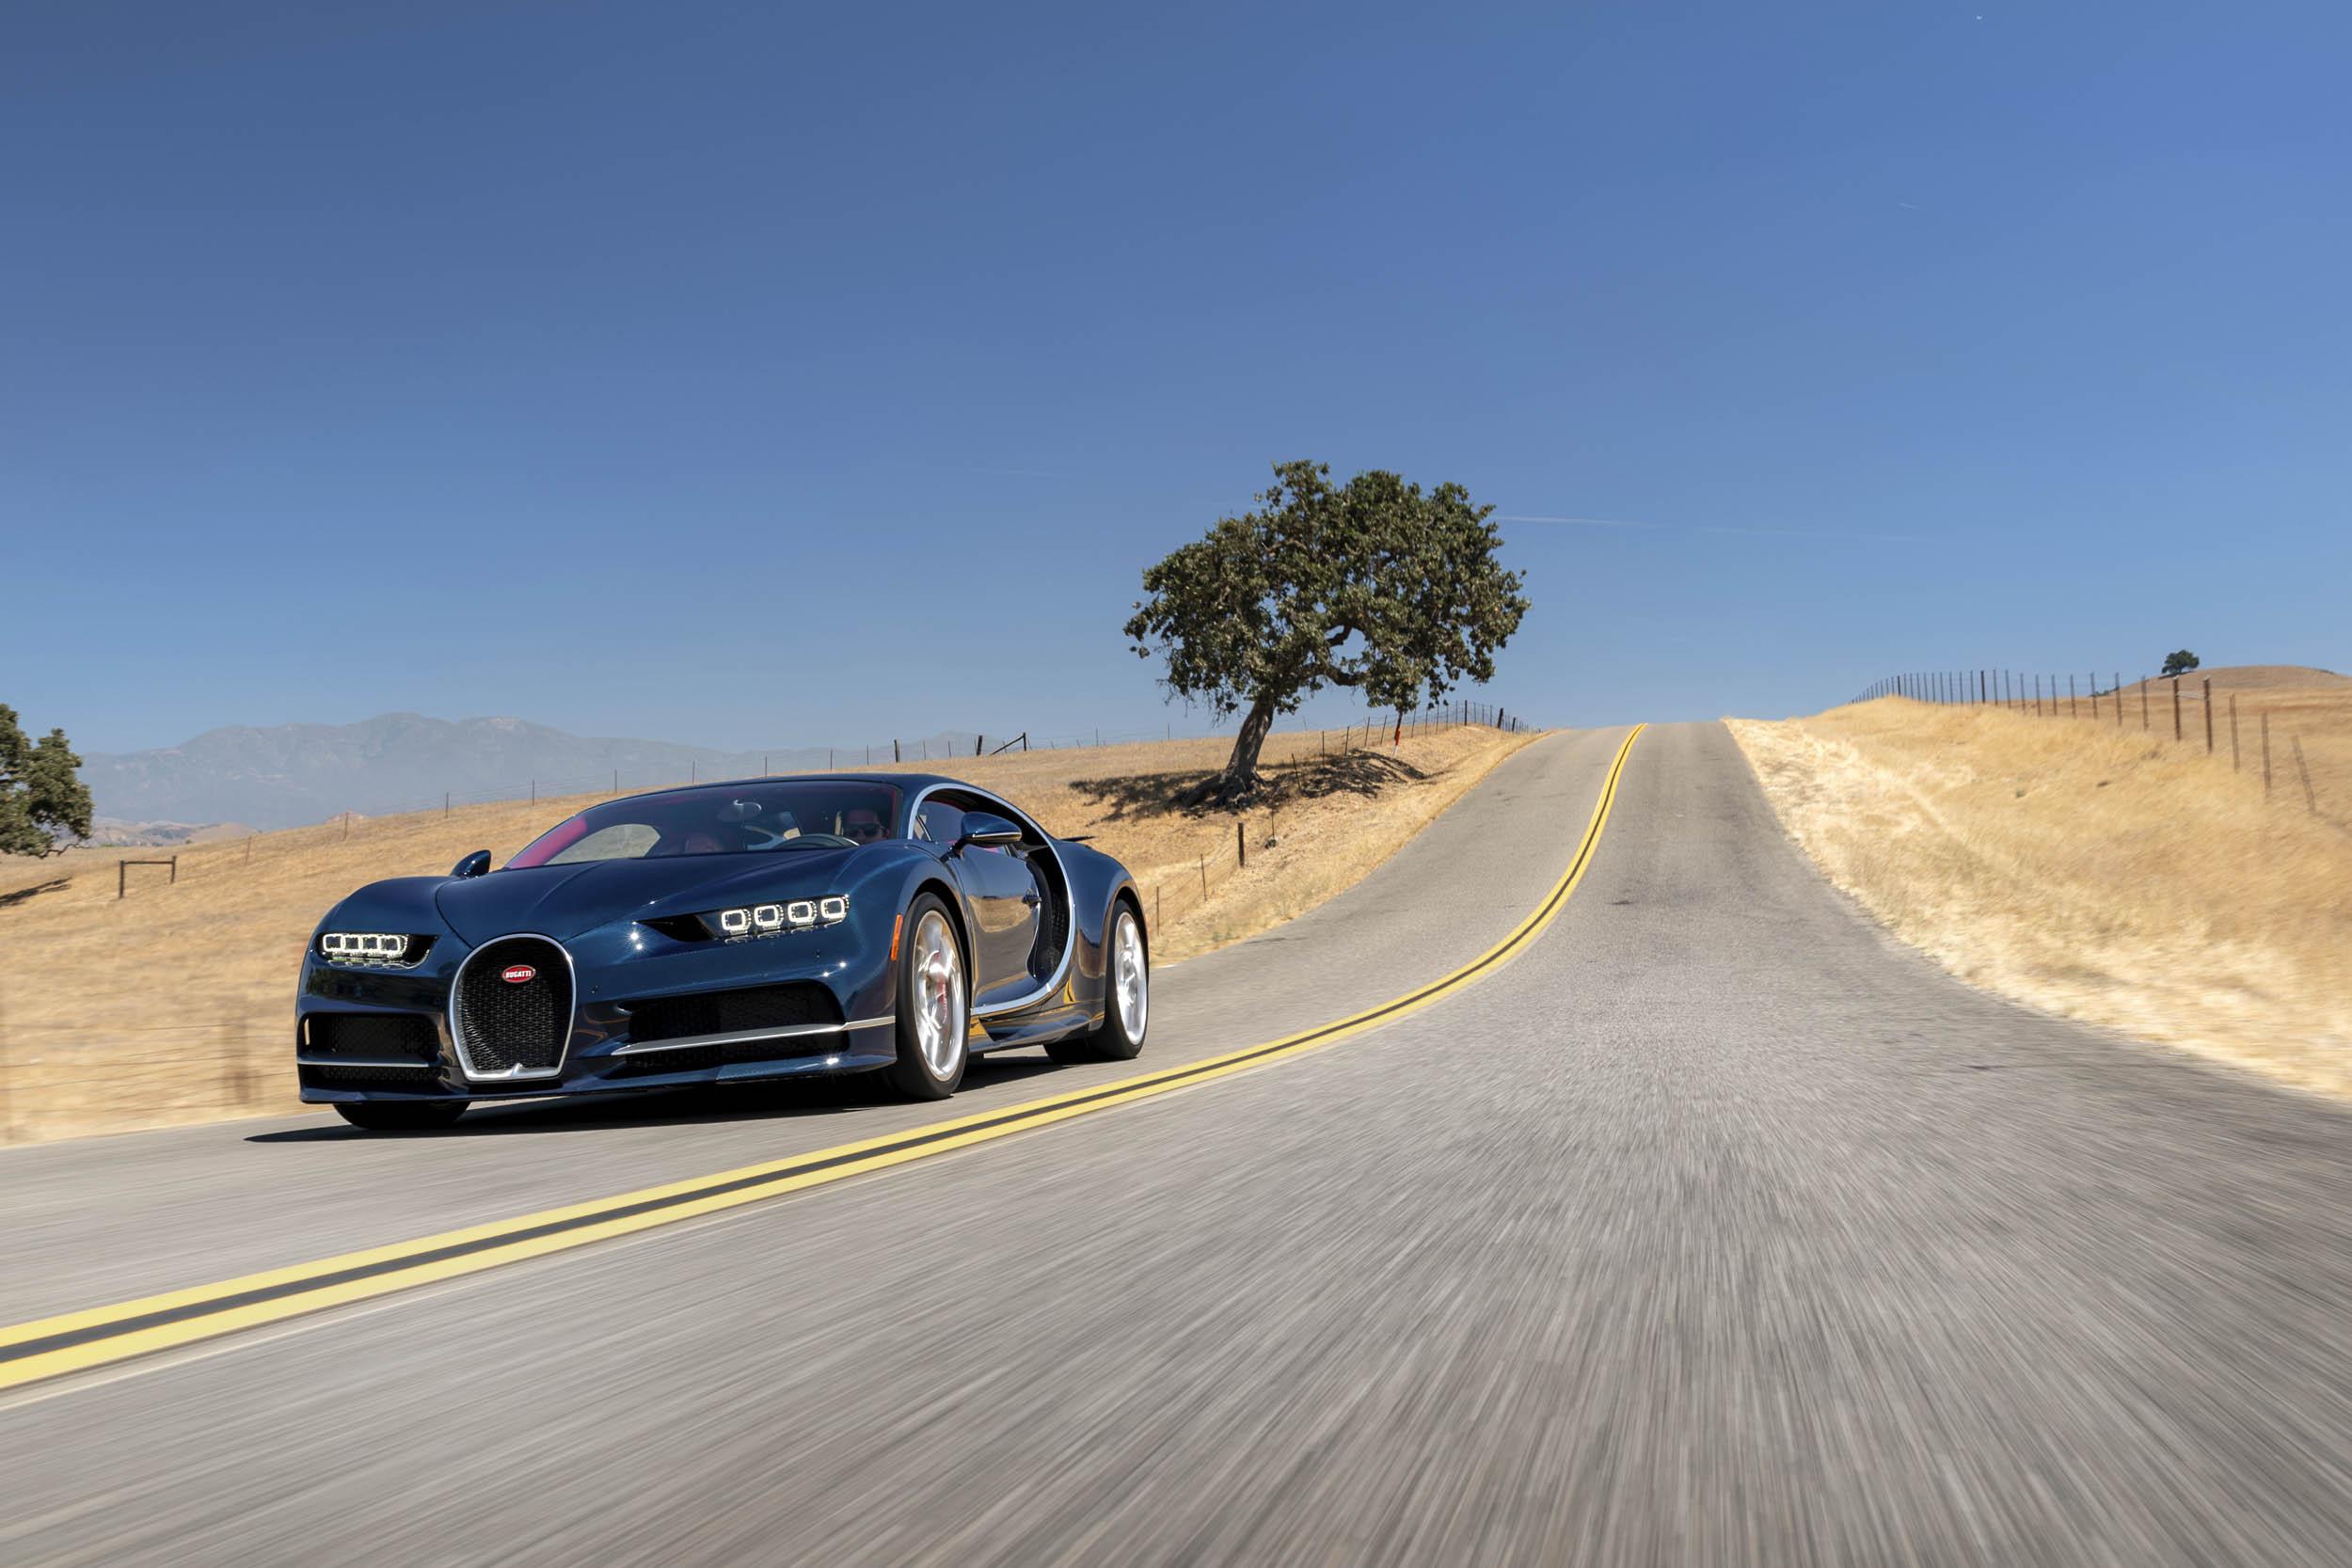 2018 Bugatti Chiron driving